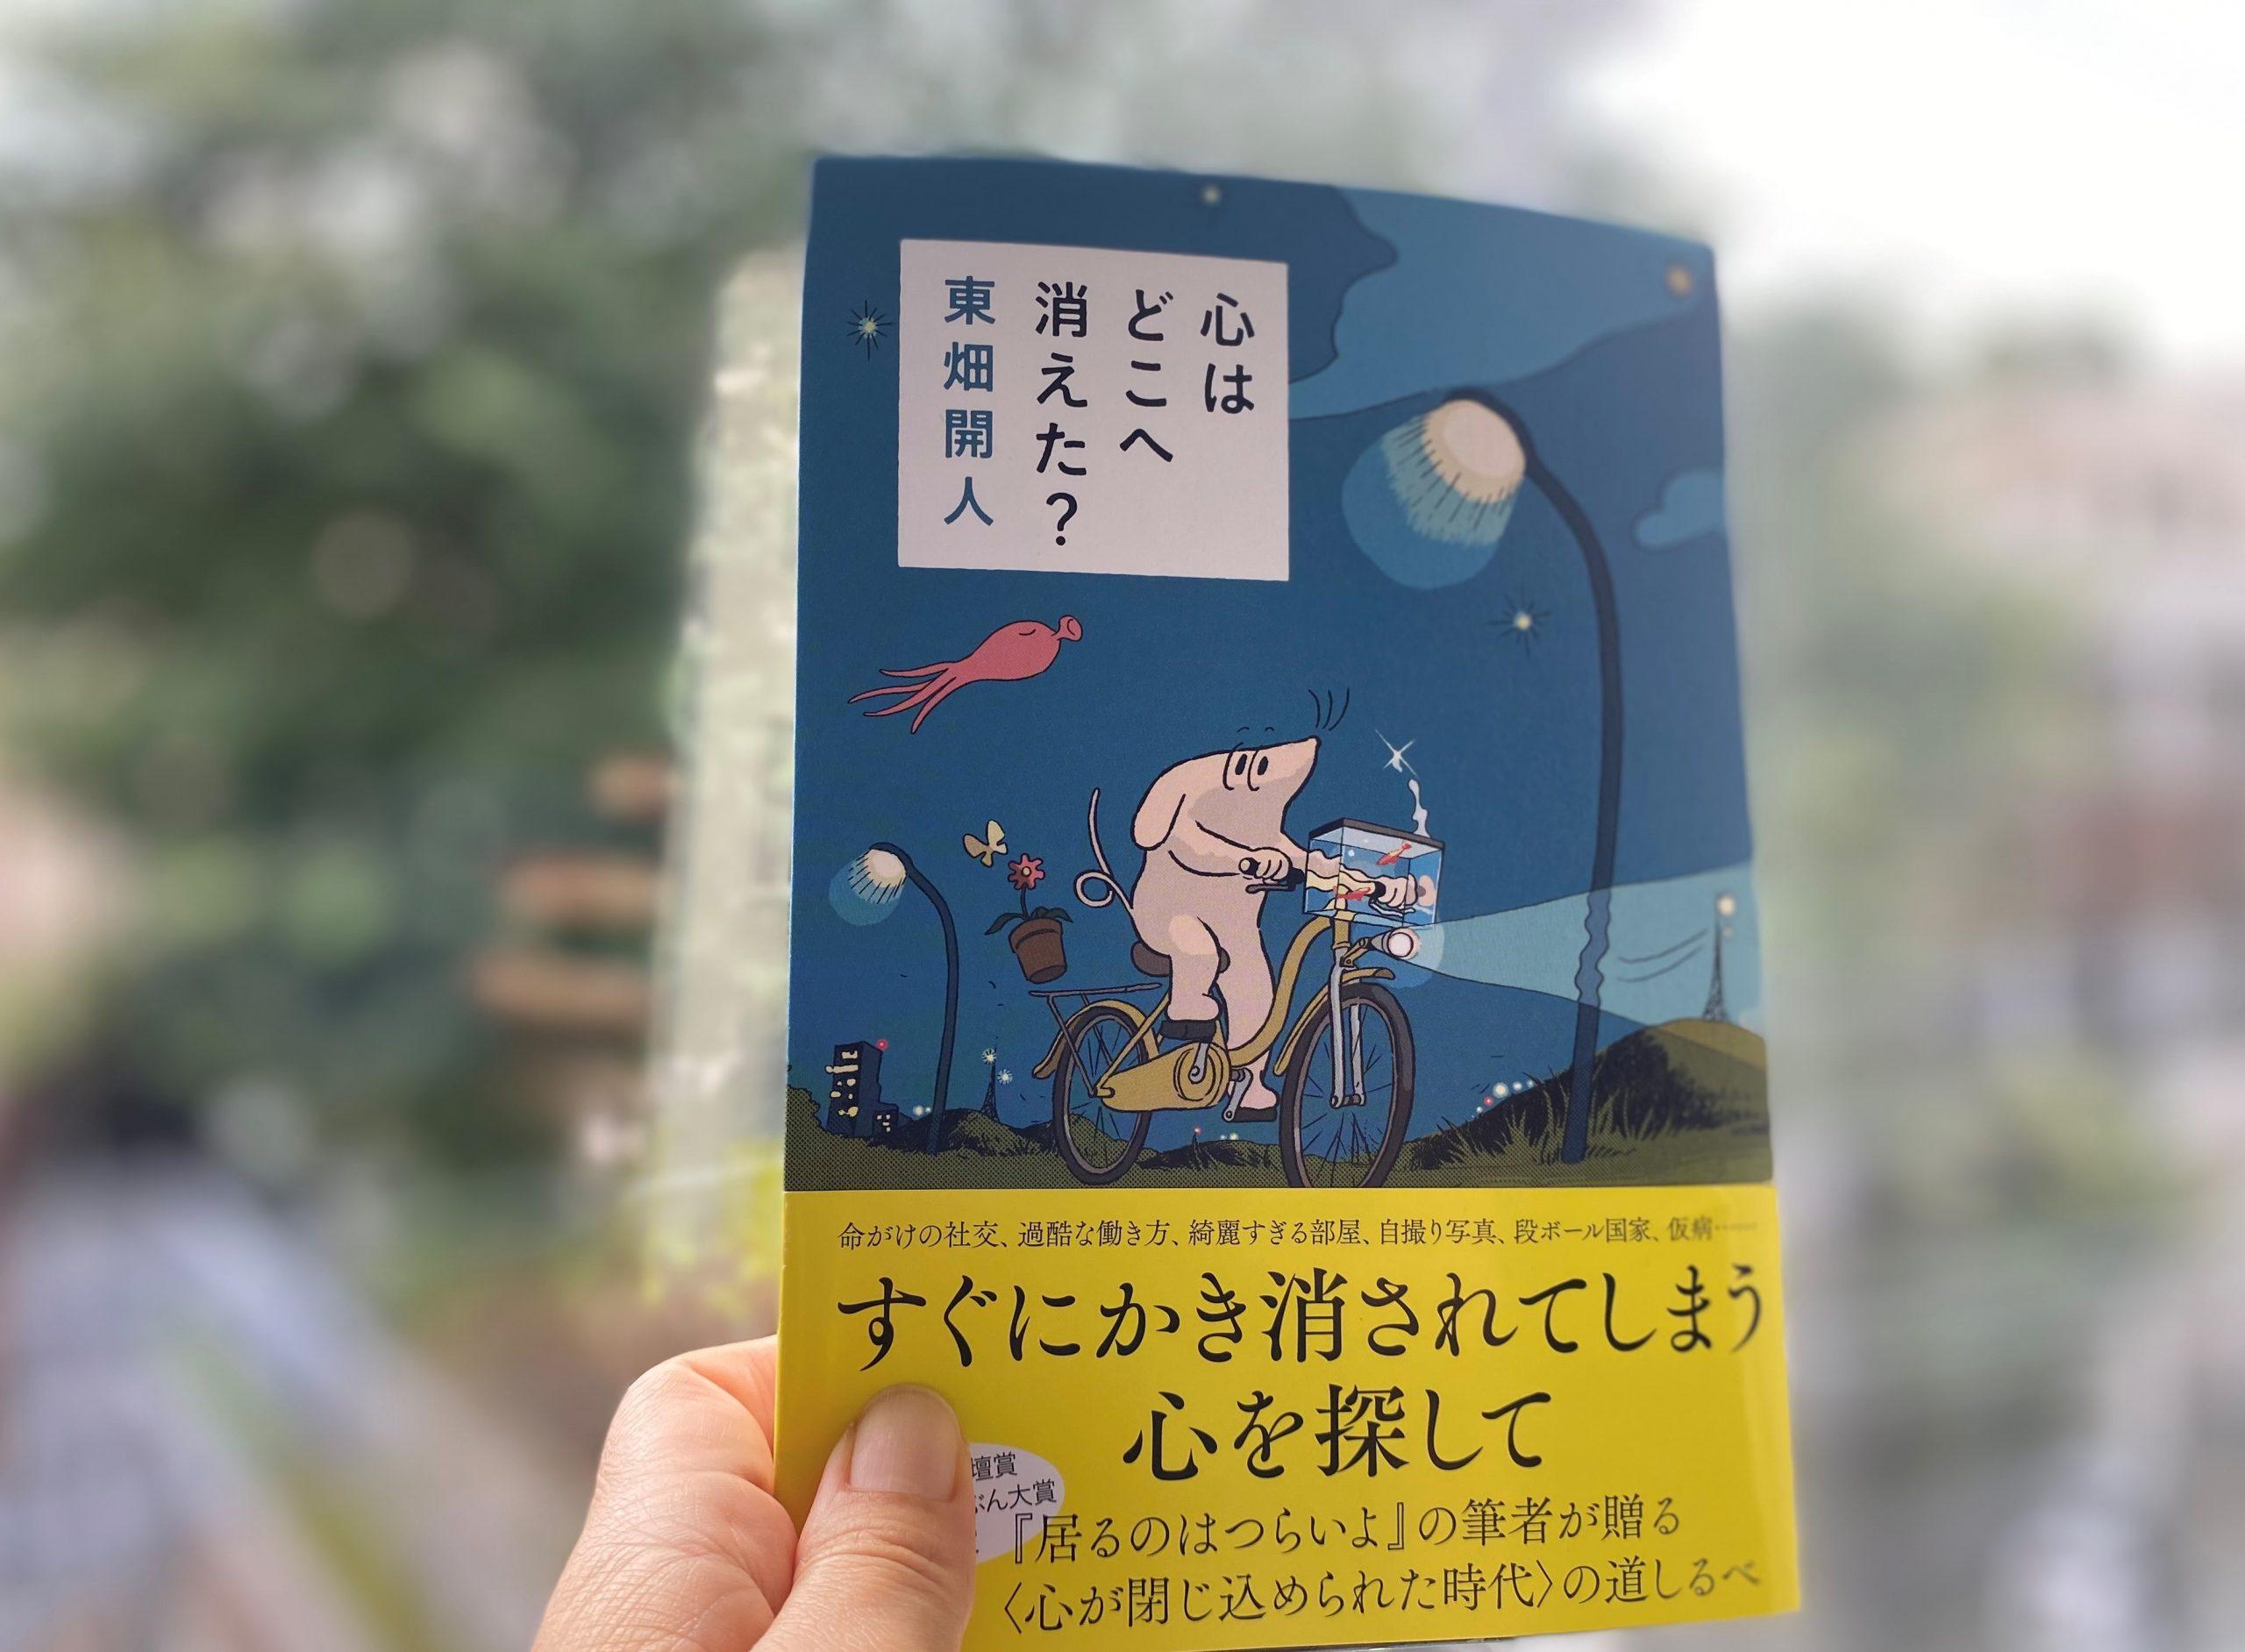 おすすめ本『心はどこへ消えた?』東畑開人さん著